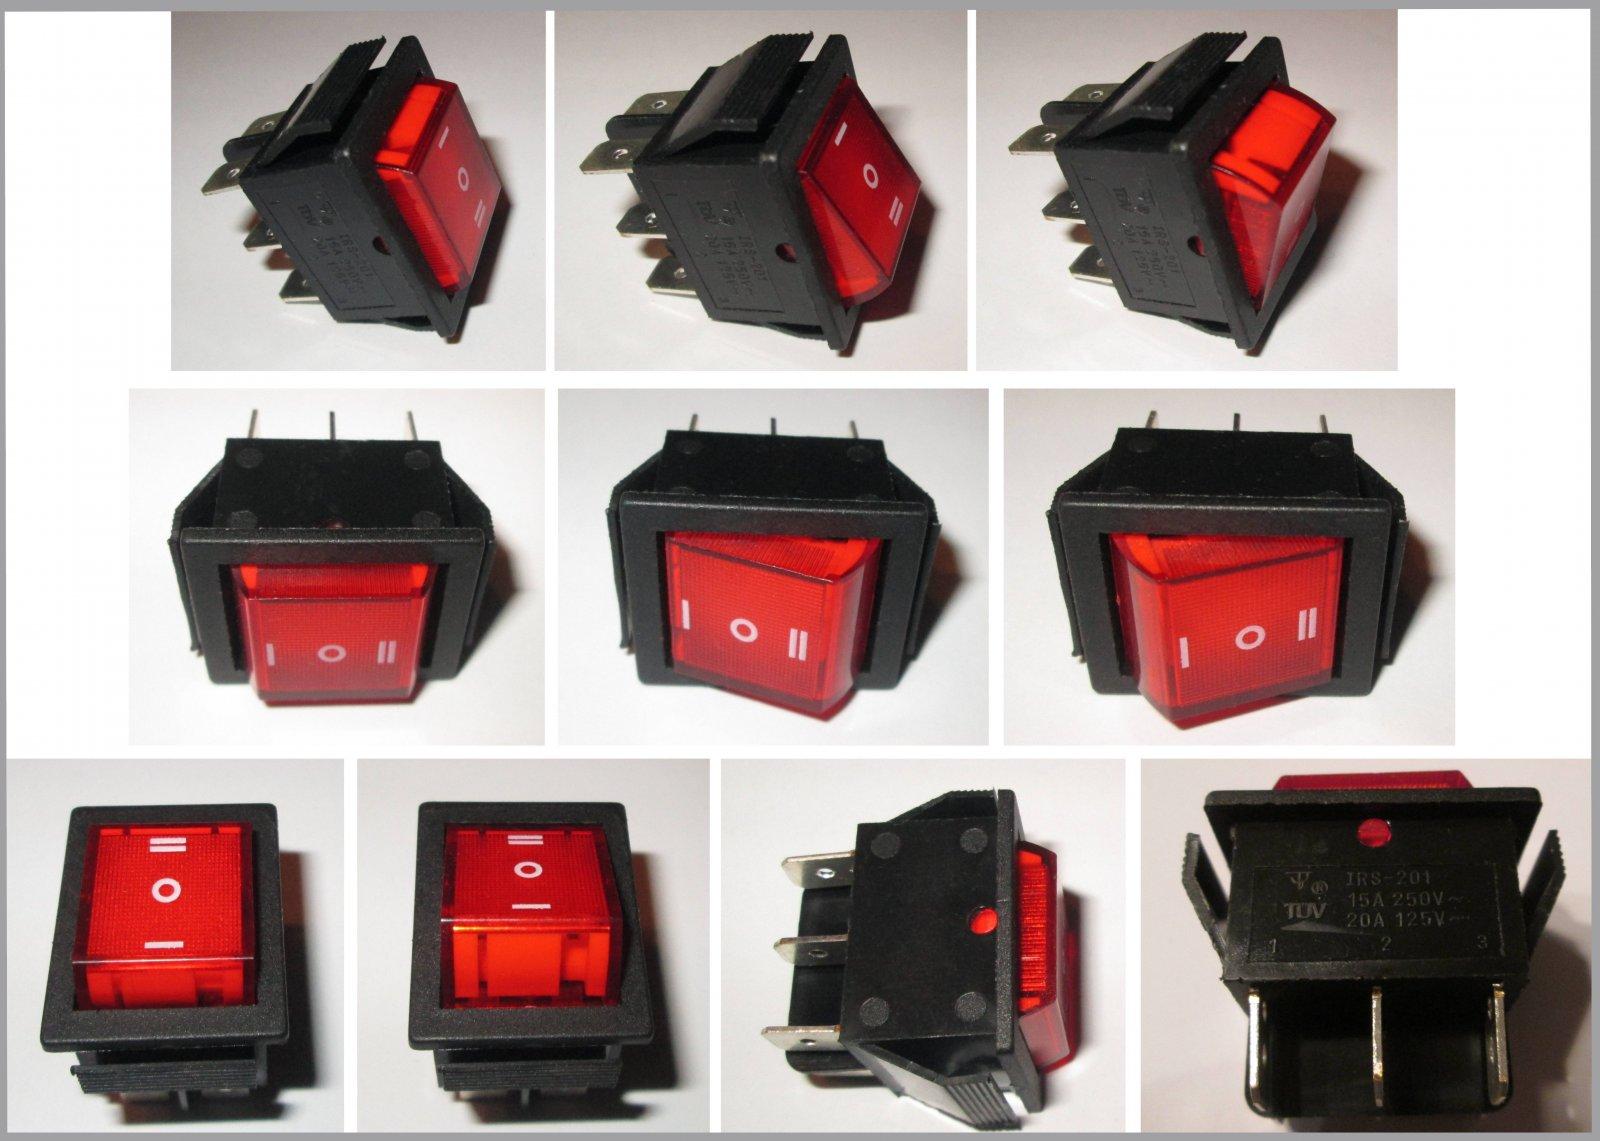 Einbau Geräte Schalter Umschalter Wippe Wechselschalter Wechsler 2 ...